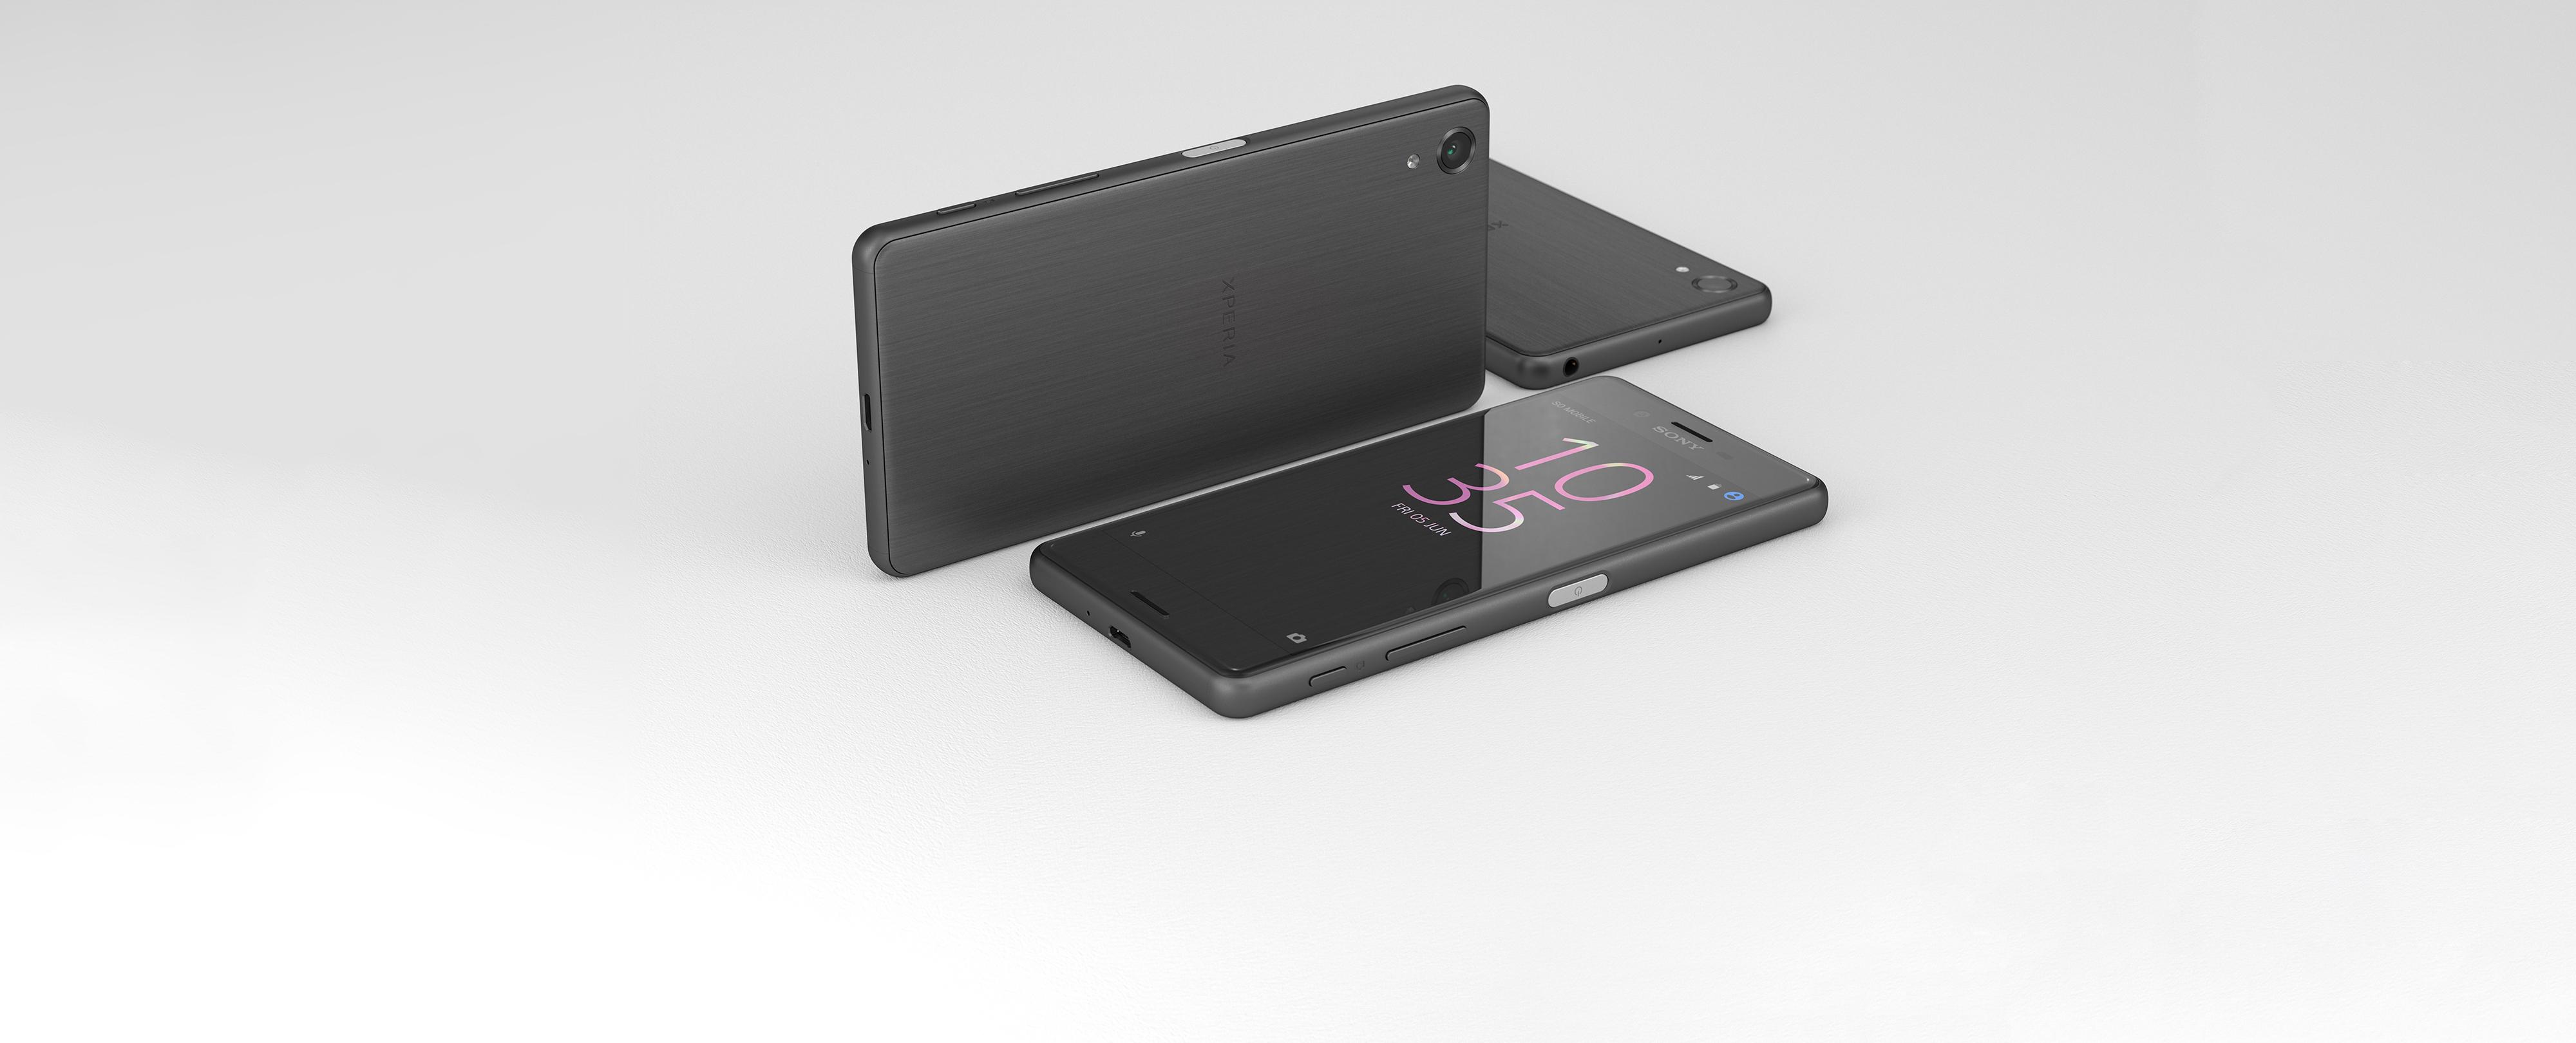 Sony Xperia X, XA et X Performance : quelles différences entre ces trois modèles ?